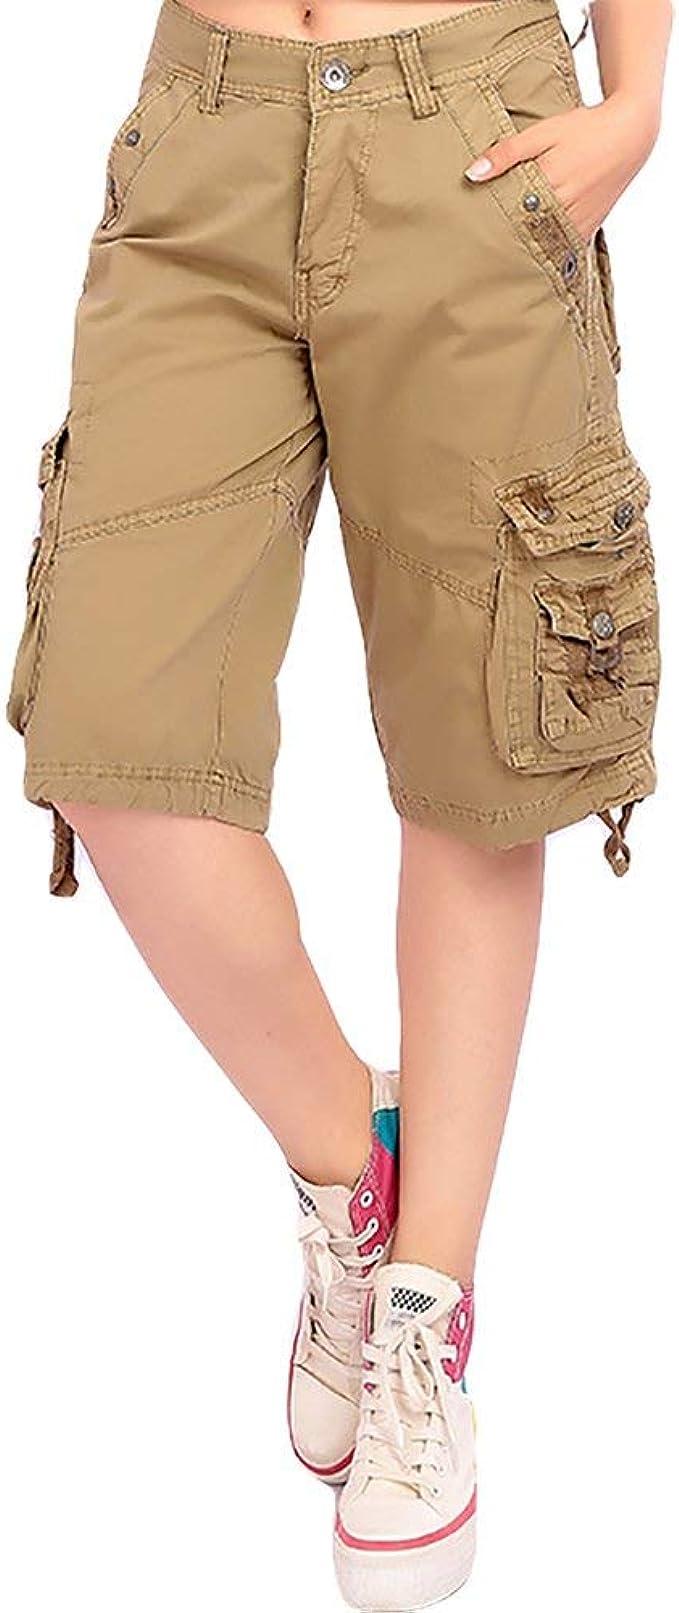 BOLAWOO-77 Pantalones Cortos Deportivos para Mujer Bermudas ...